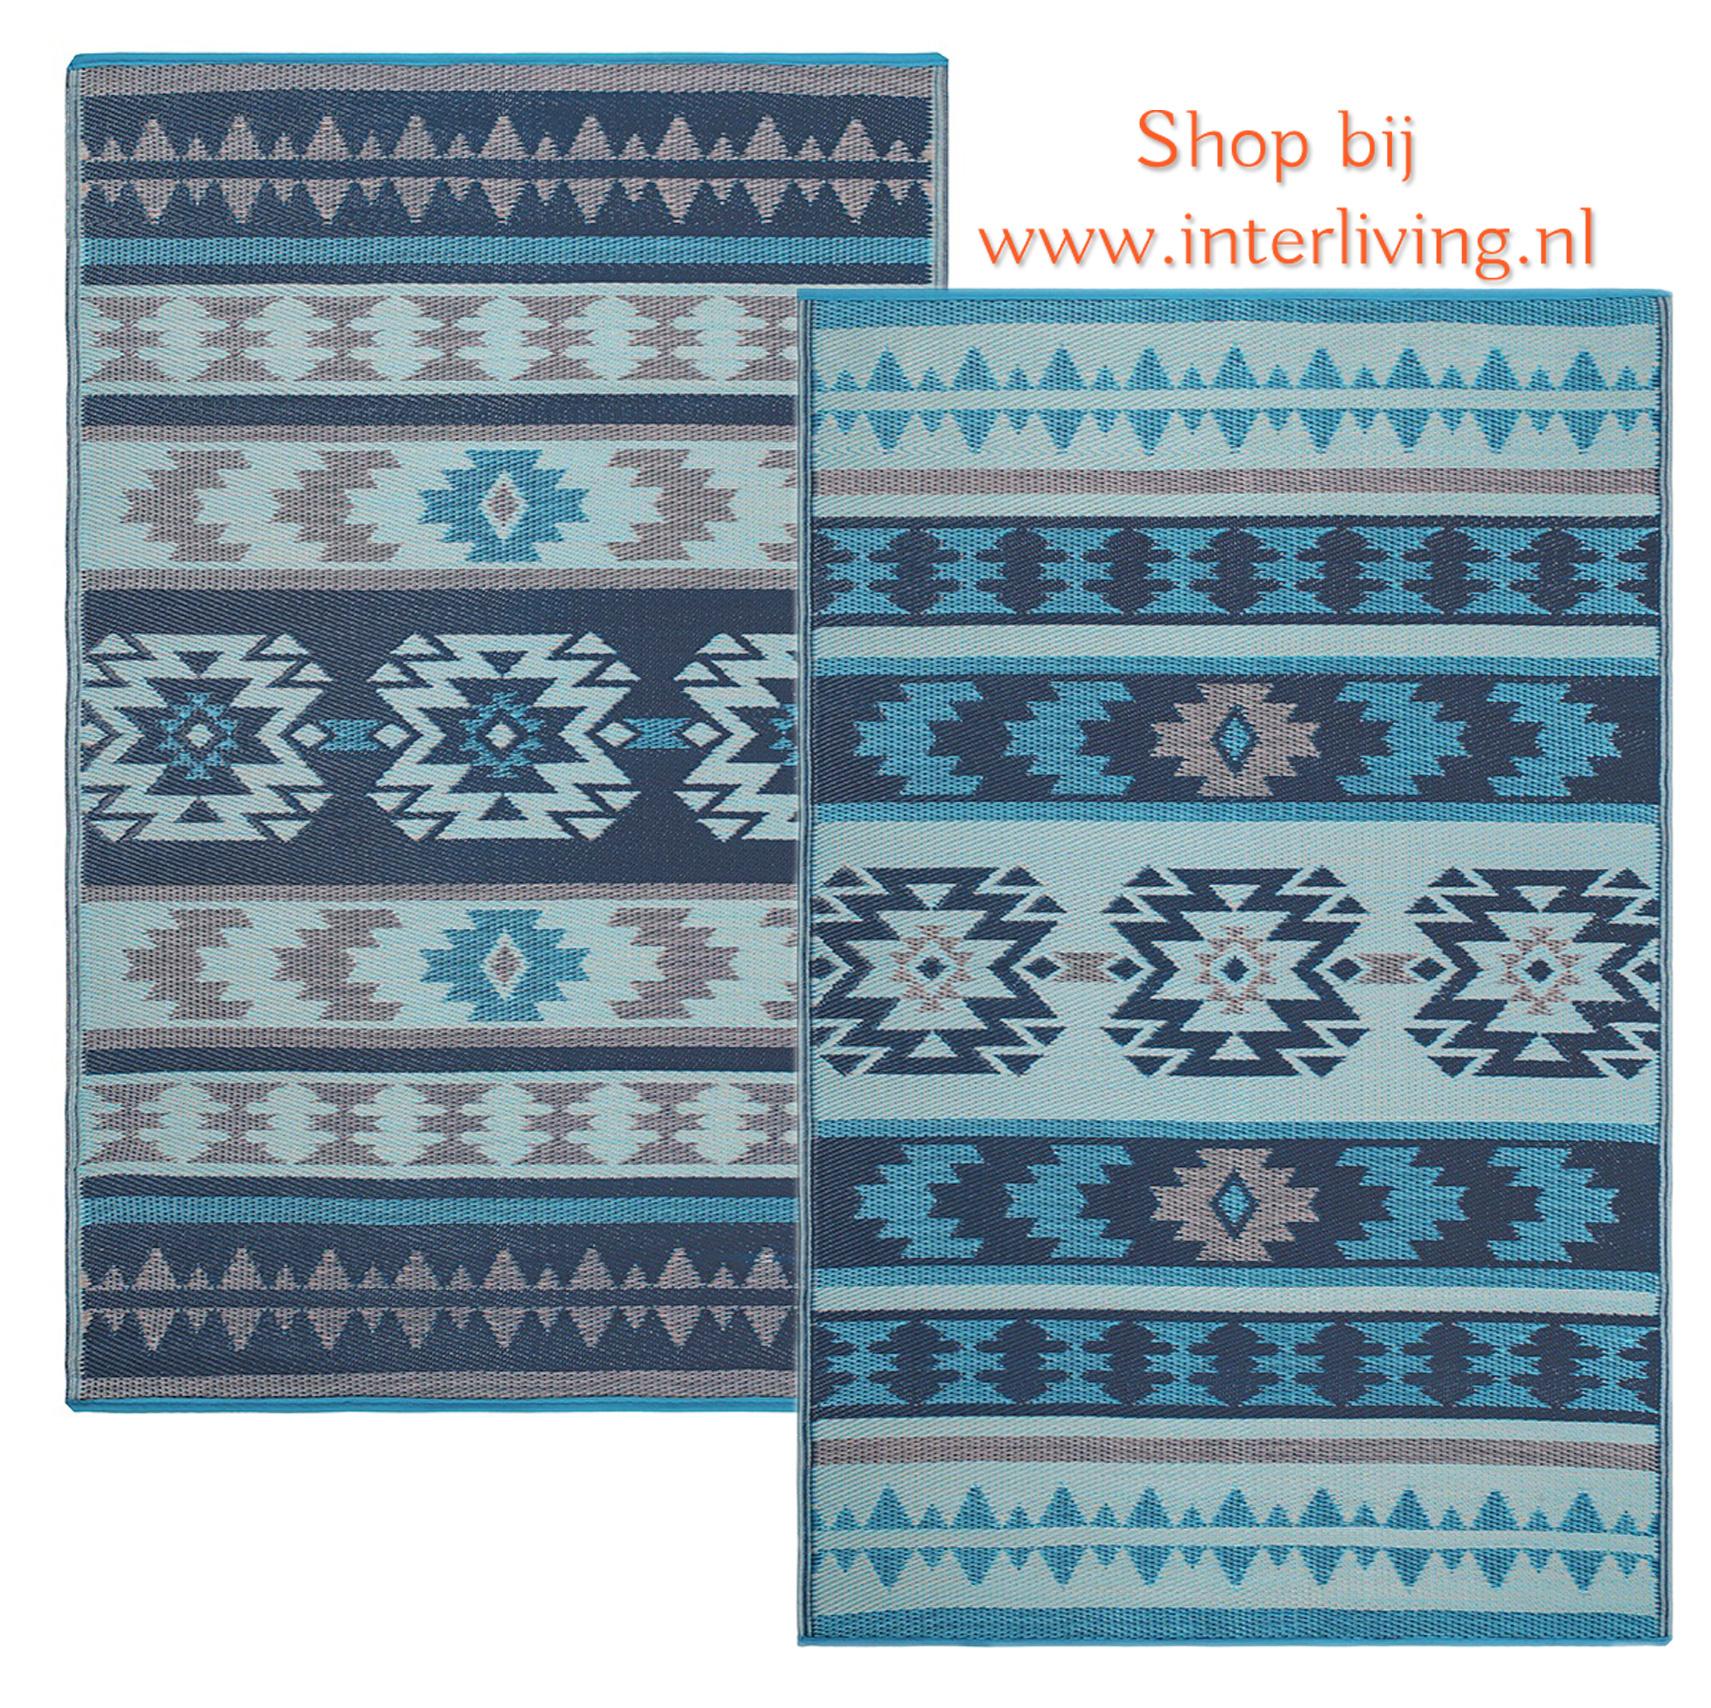 duurzaam inca vloerkleed - gerecycled plastic met aztec navajo patronen - multi blauw kleuren